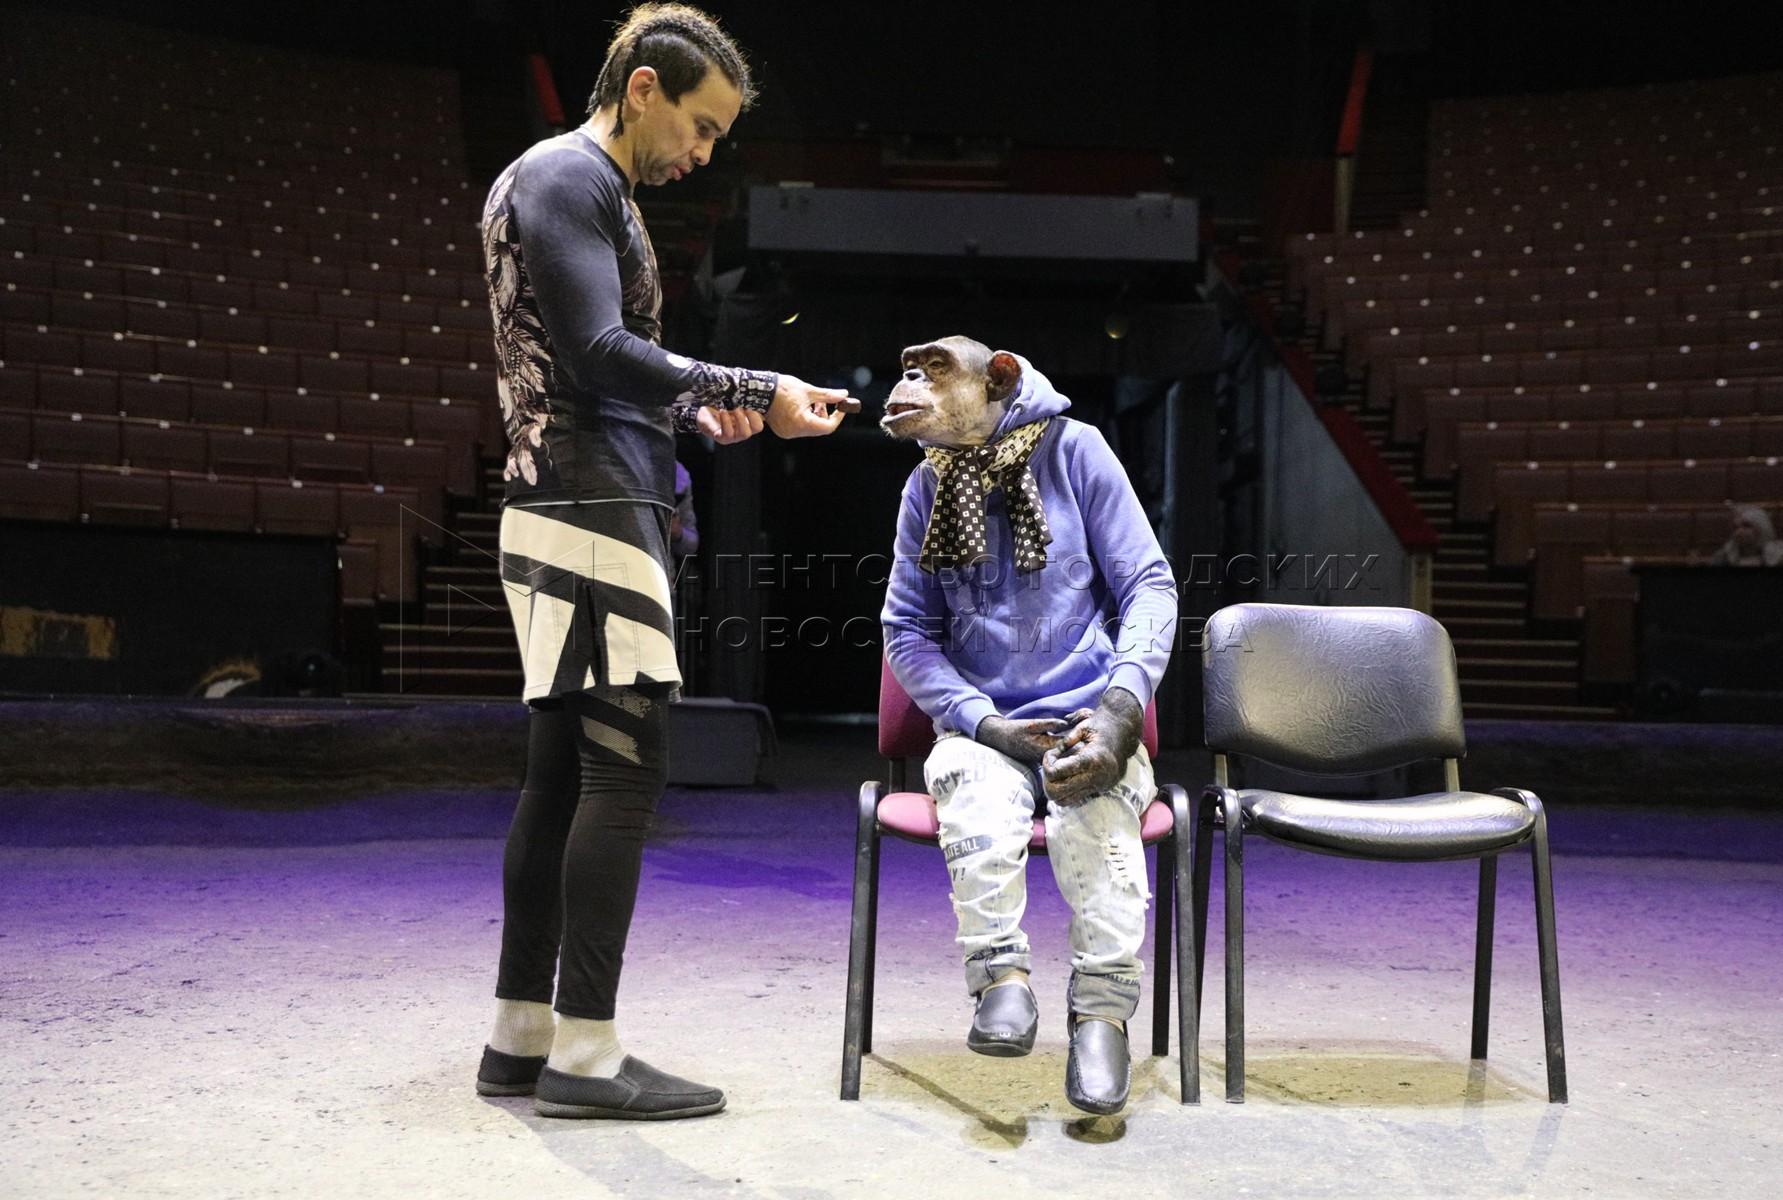 Дрессировщик Мурад Хыдыров и шимпанзе Микки из Большого Московского цирка на проспекте Вернадского, нарисовавший картину.